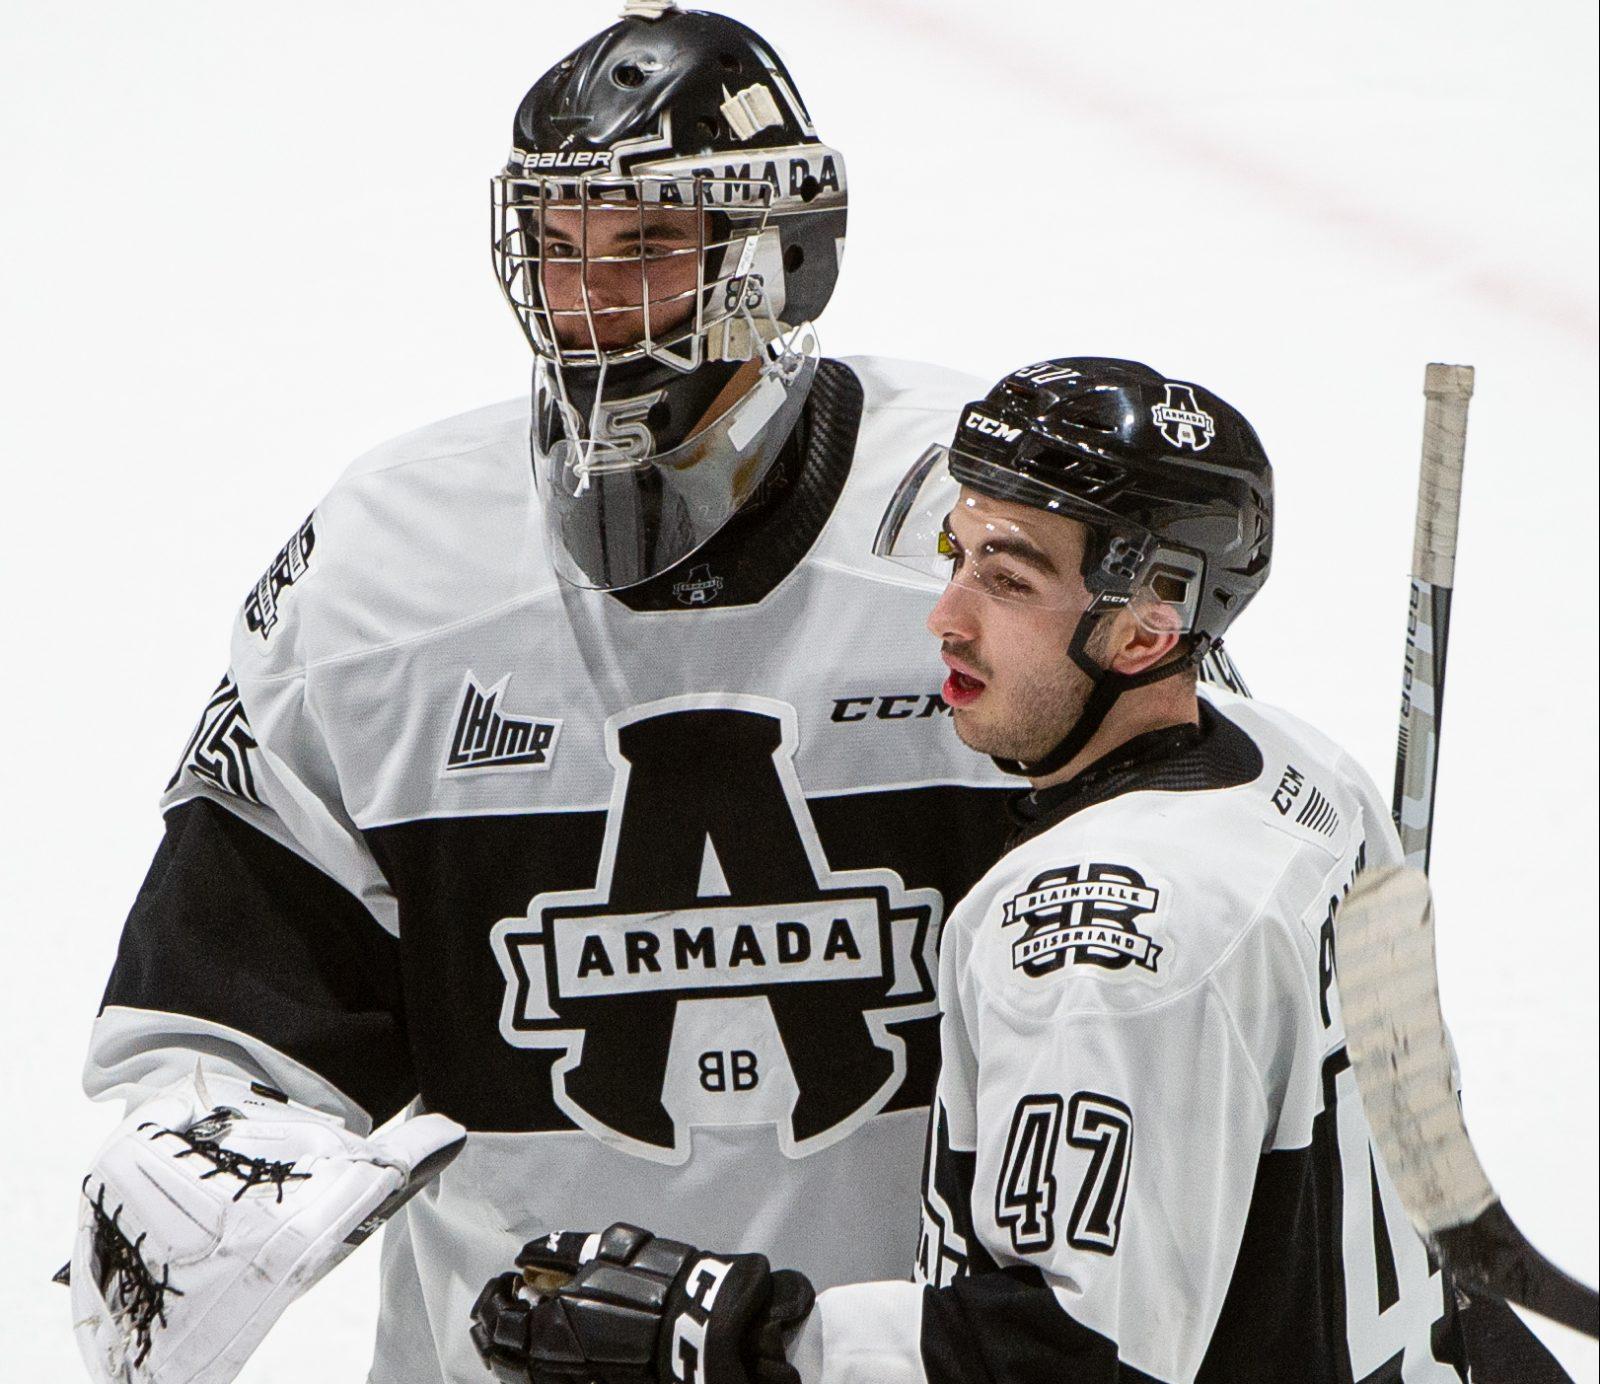 Pinard et Adam : du hockey mineur jusqu'au camp des Panthers